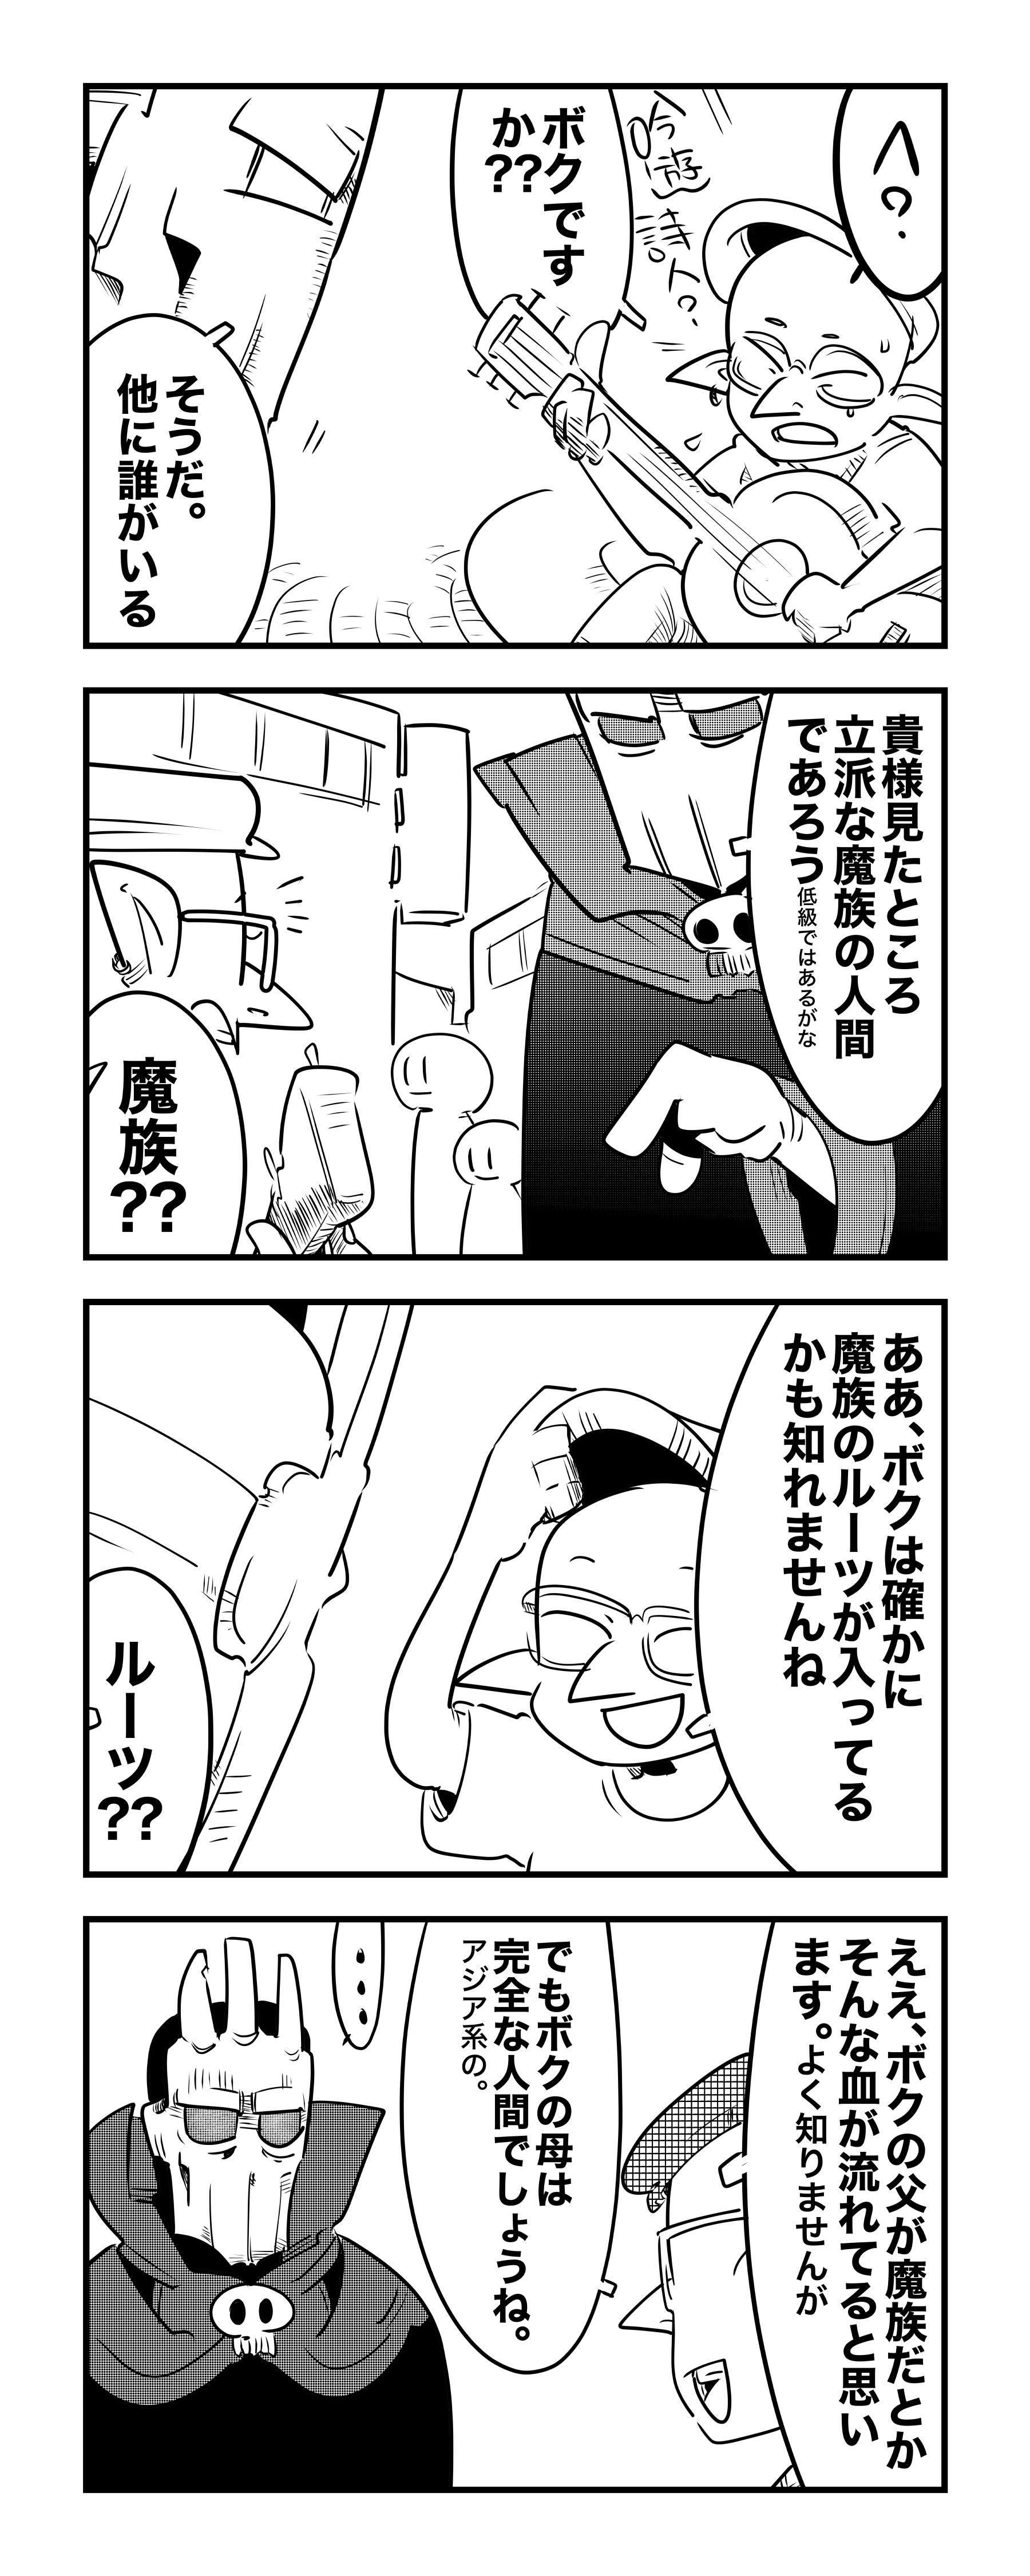 f:id:terashimaru117:20210508213855j:plain